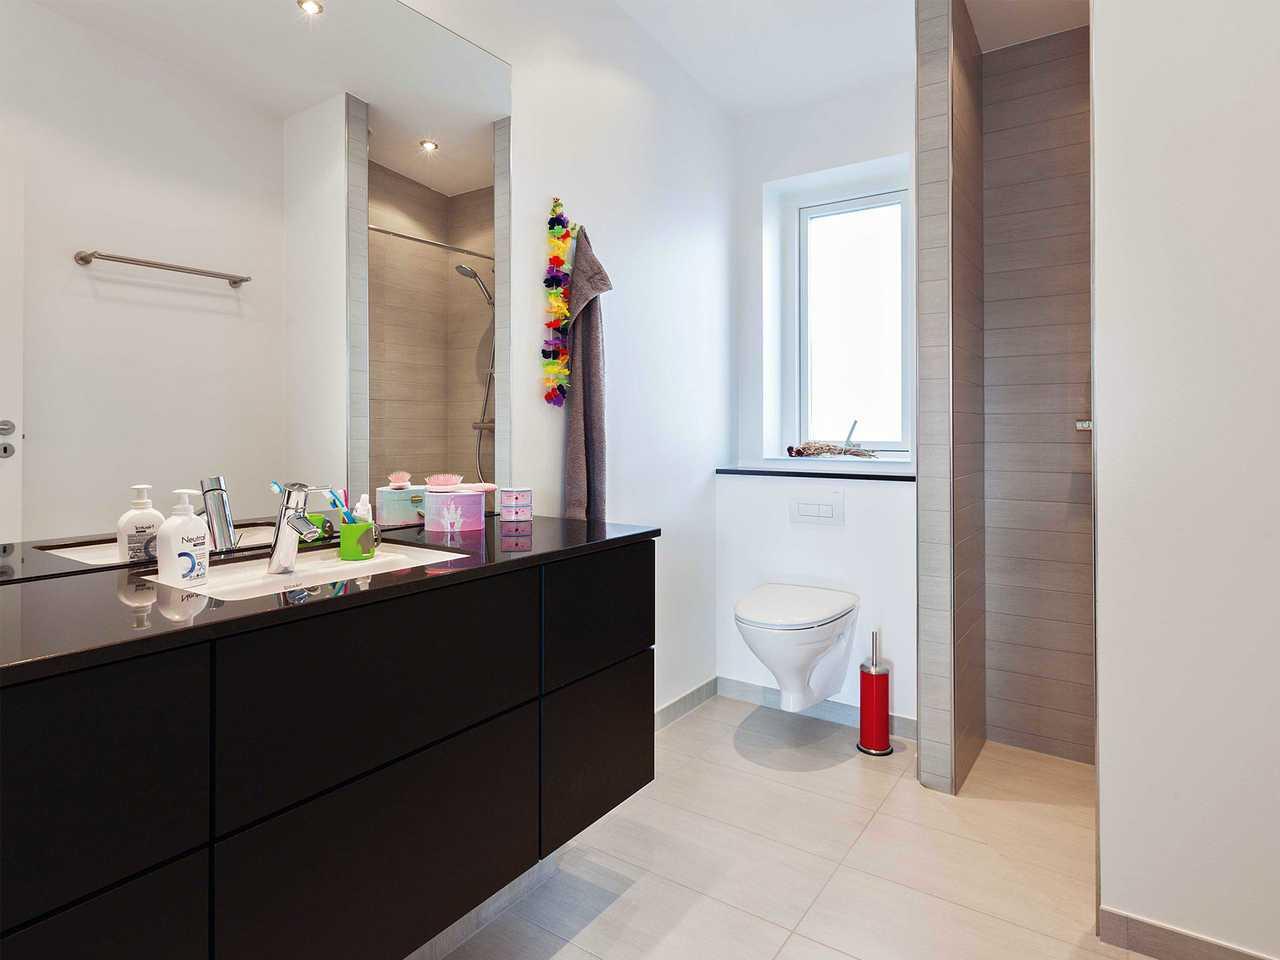 Einfamilienhaus EFH160 Innenansicht Badezimmer